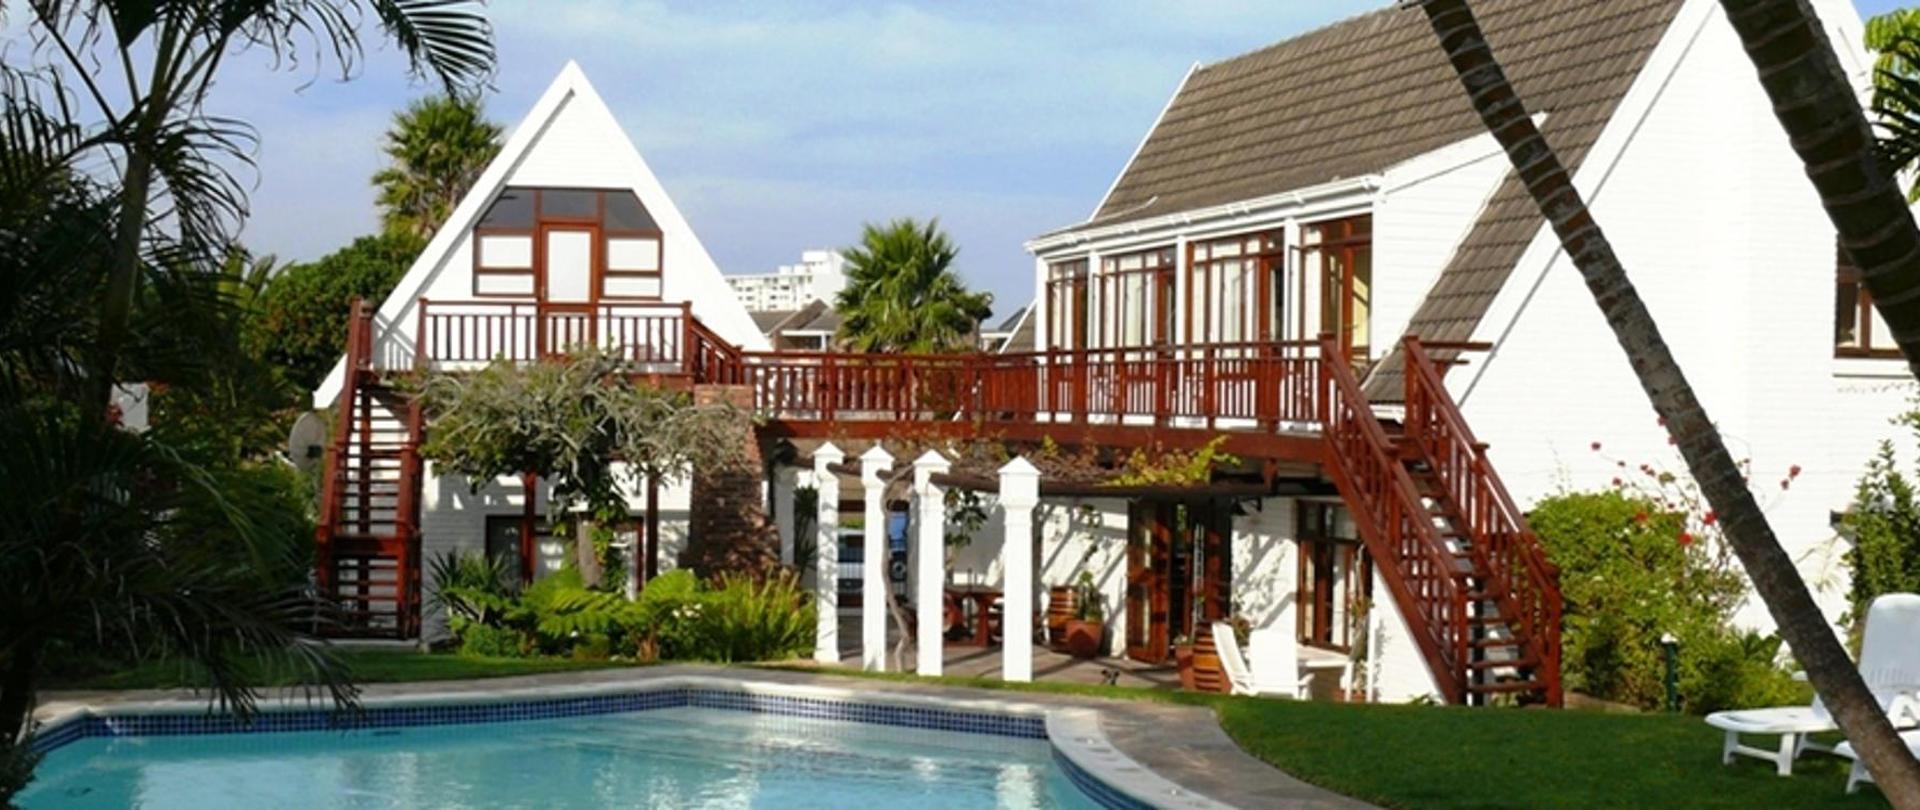 house-slide01.jpg